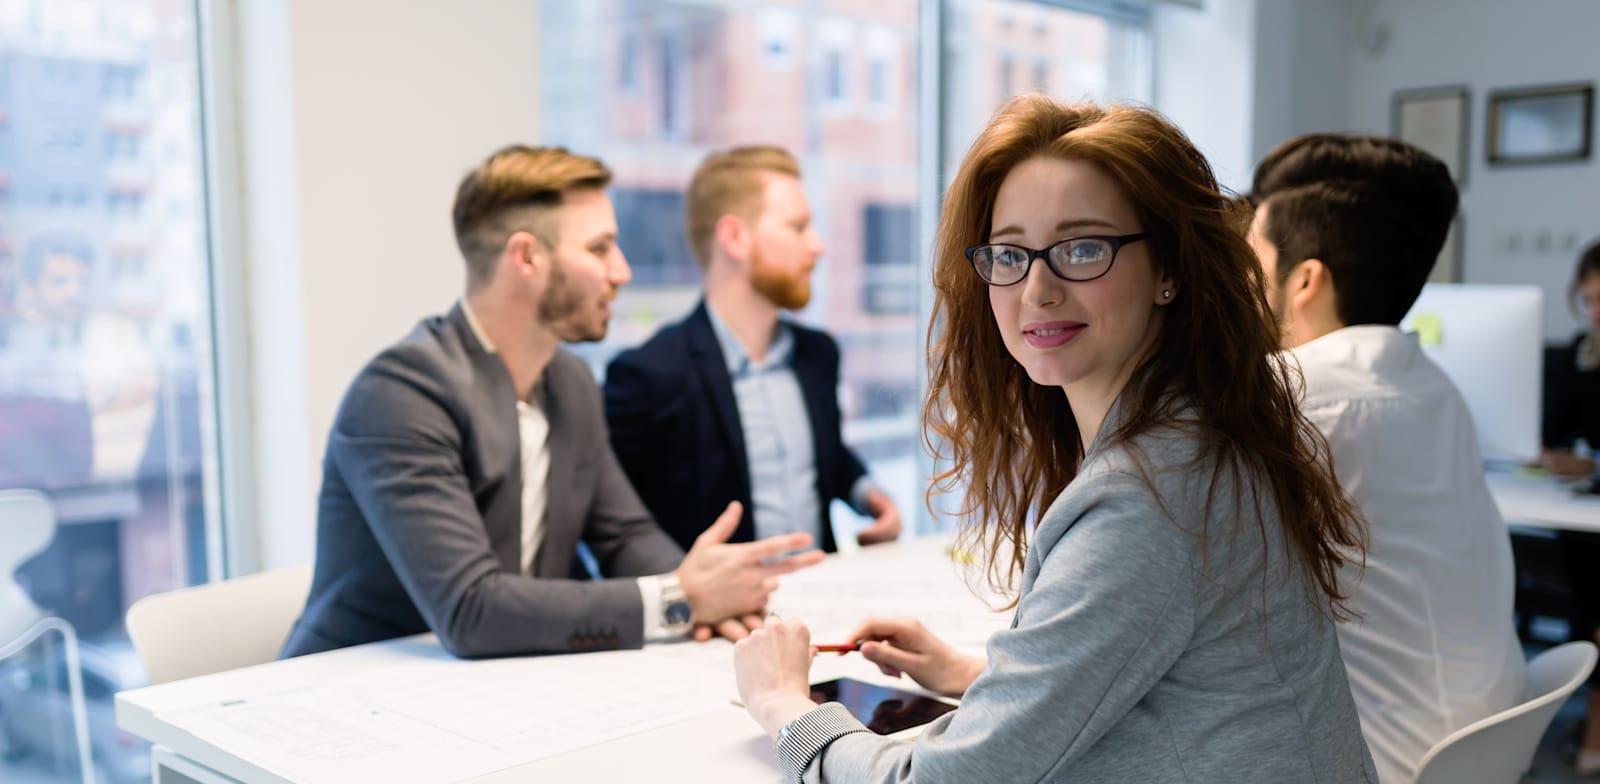 נשים משפיעות בענף הפרסום / צילום: Shutterstock